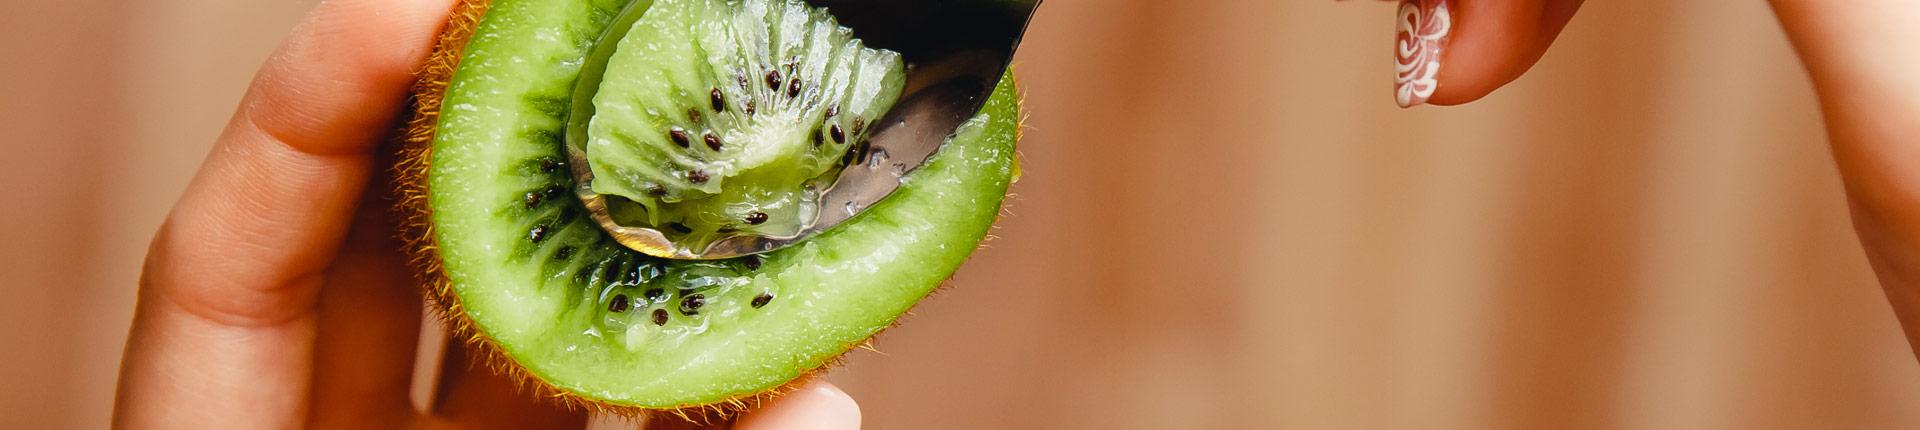 Kiwi - owoc idealny dla aktywnych i nie tylko! Poznaj właściwości i działanie